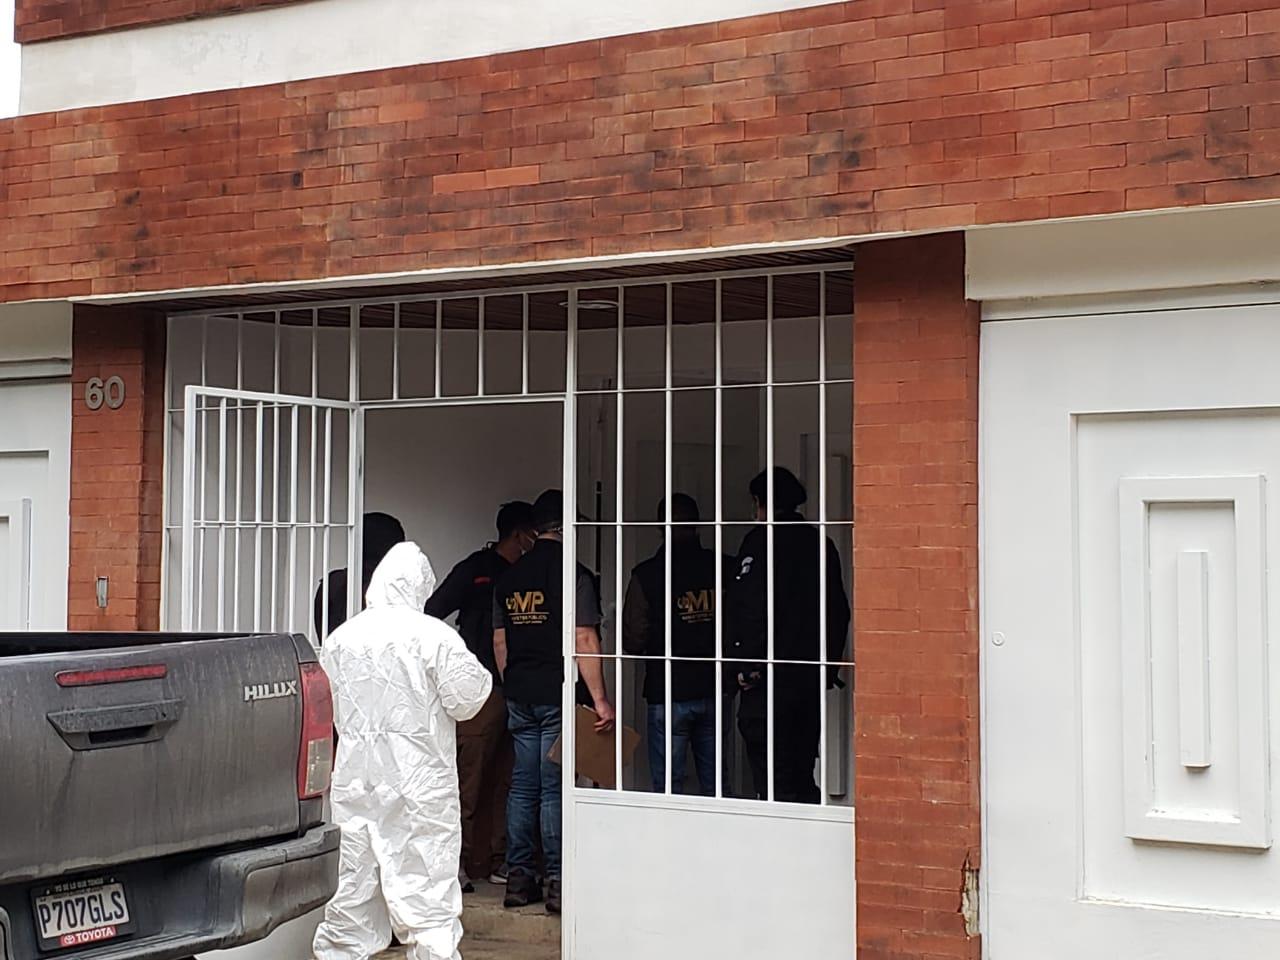 allanamientos para capturar al exministro de Desarrollo, Carlos Velásquez Monge